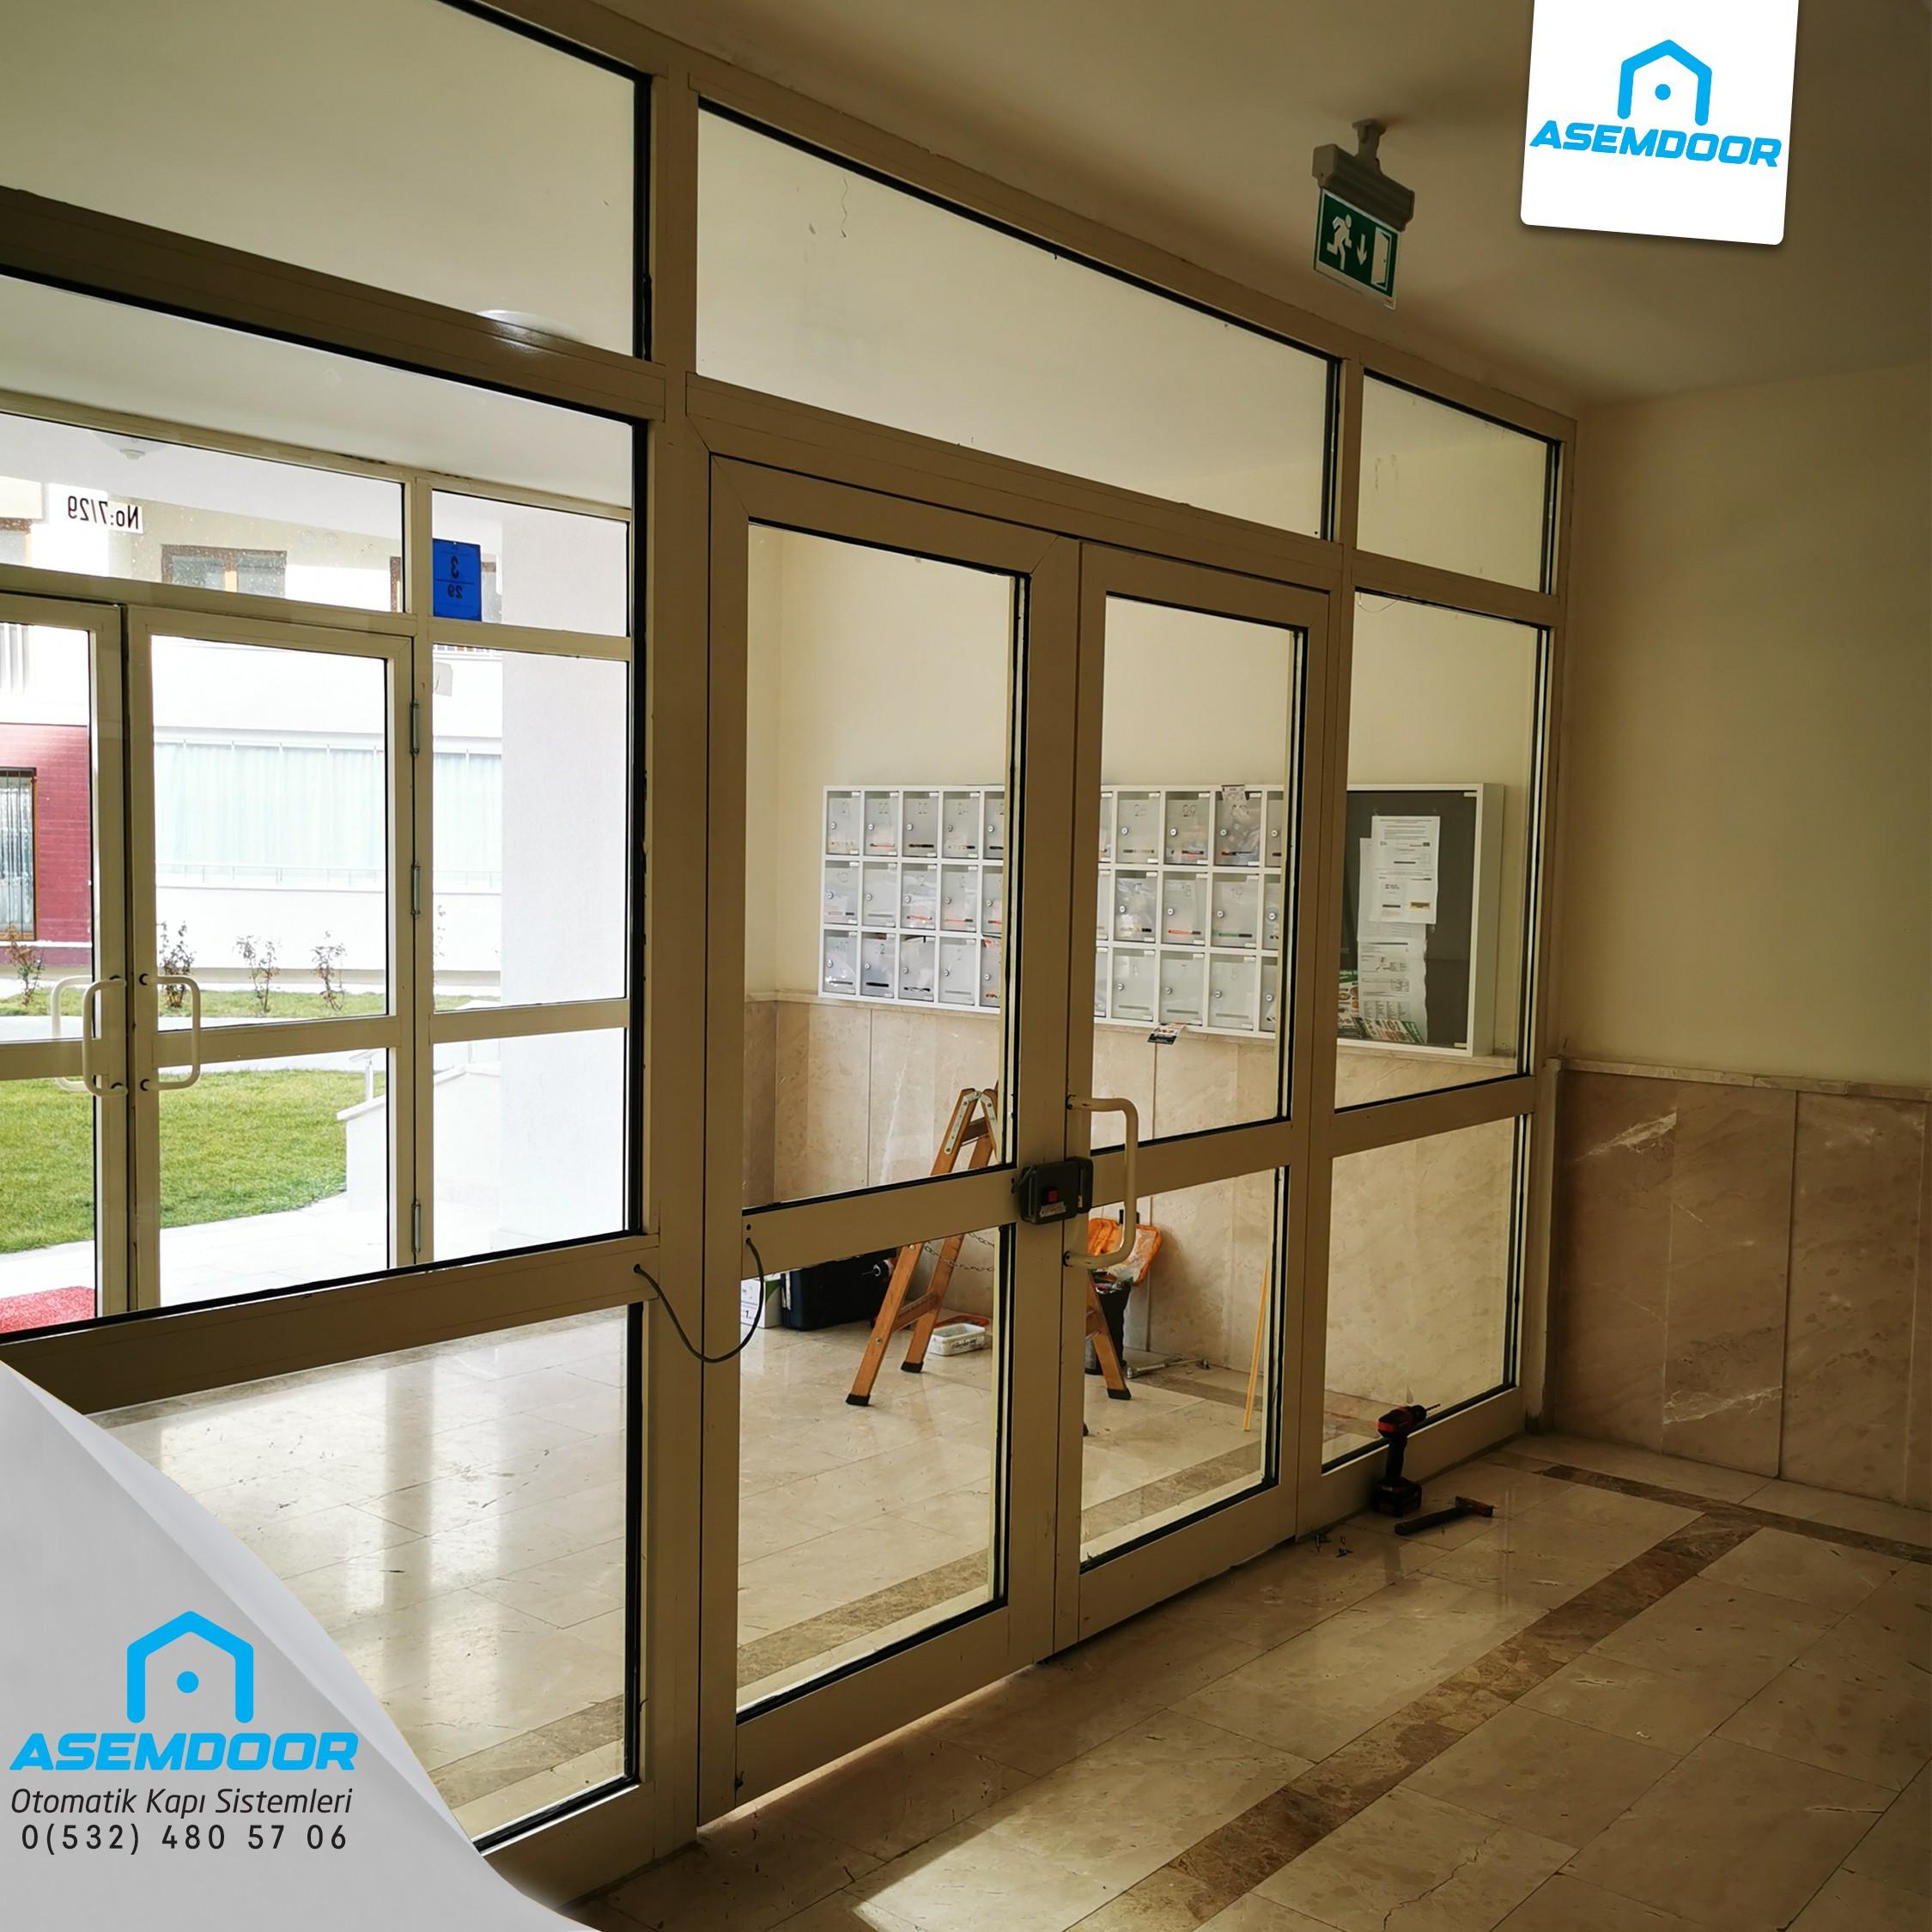 90 derece otomatik kapı sistemleri